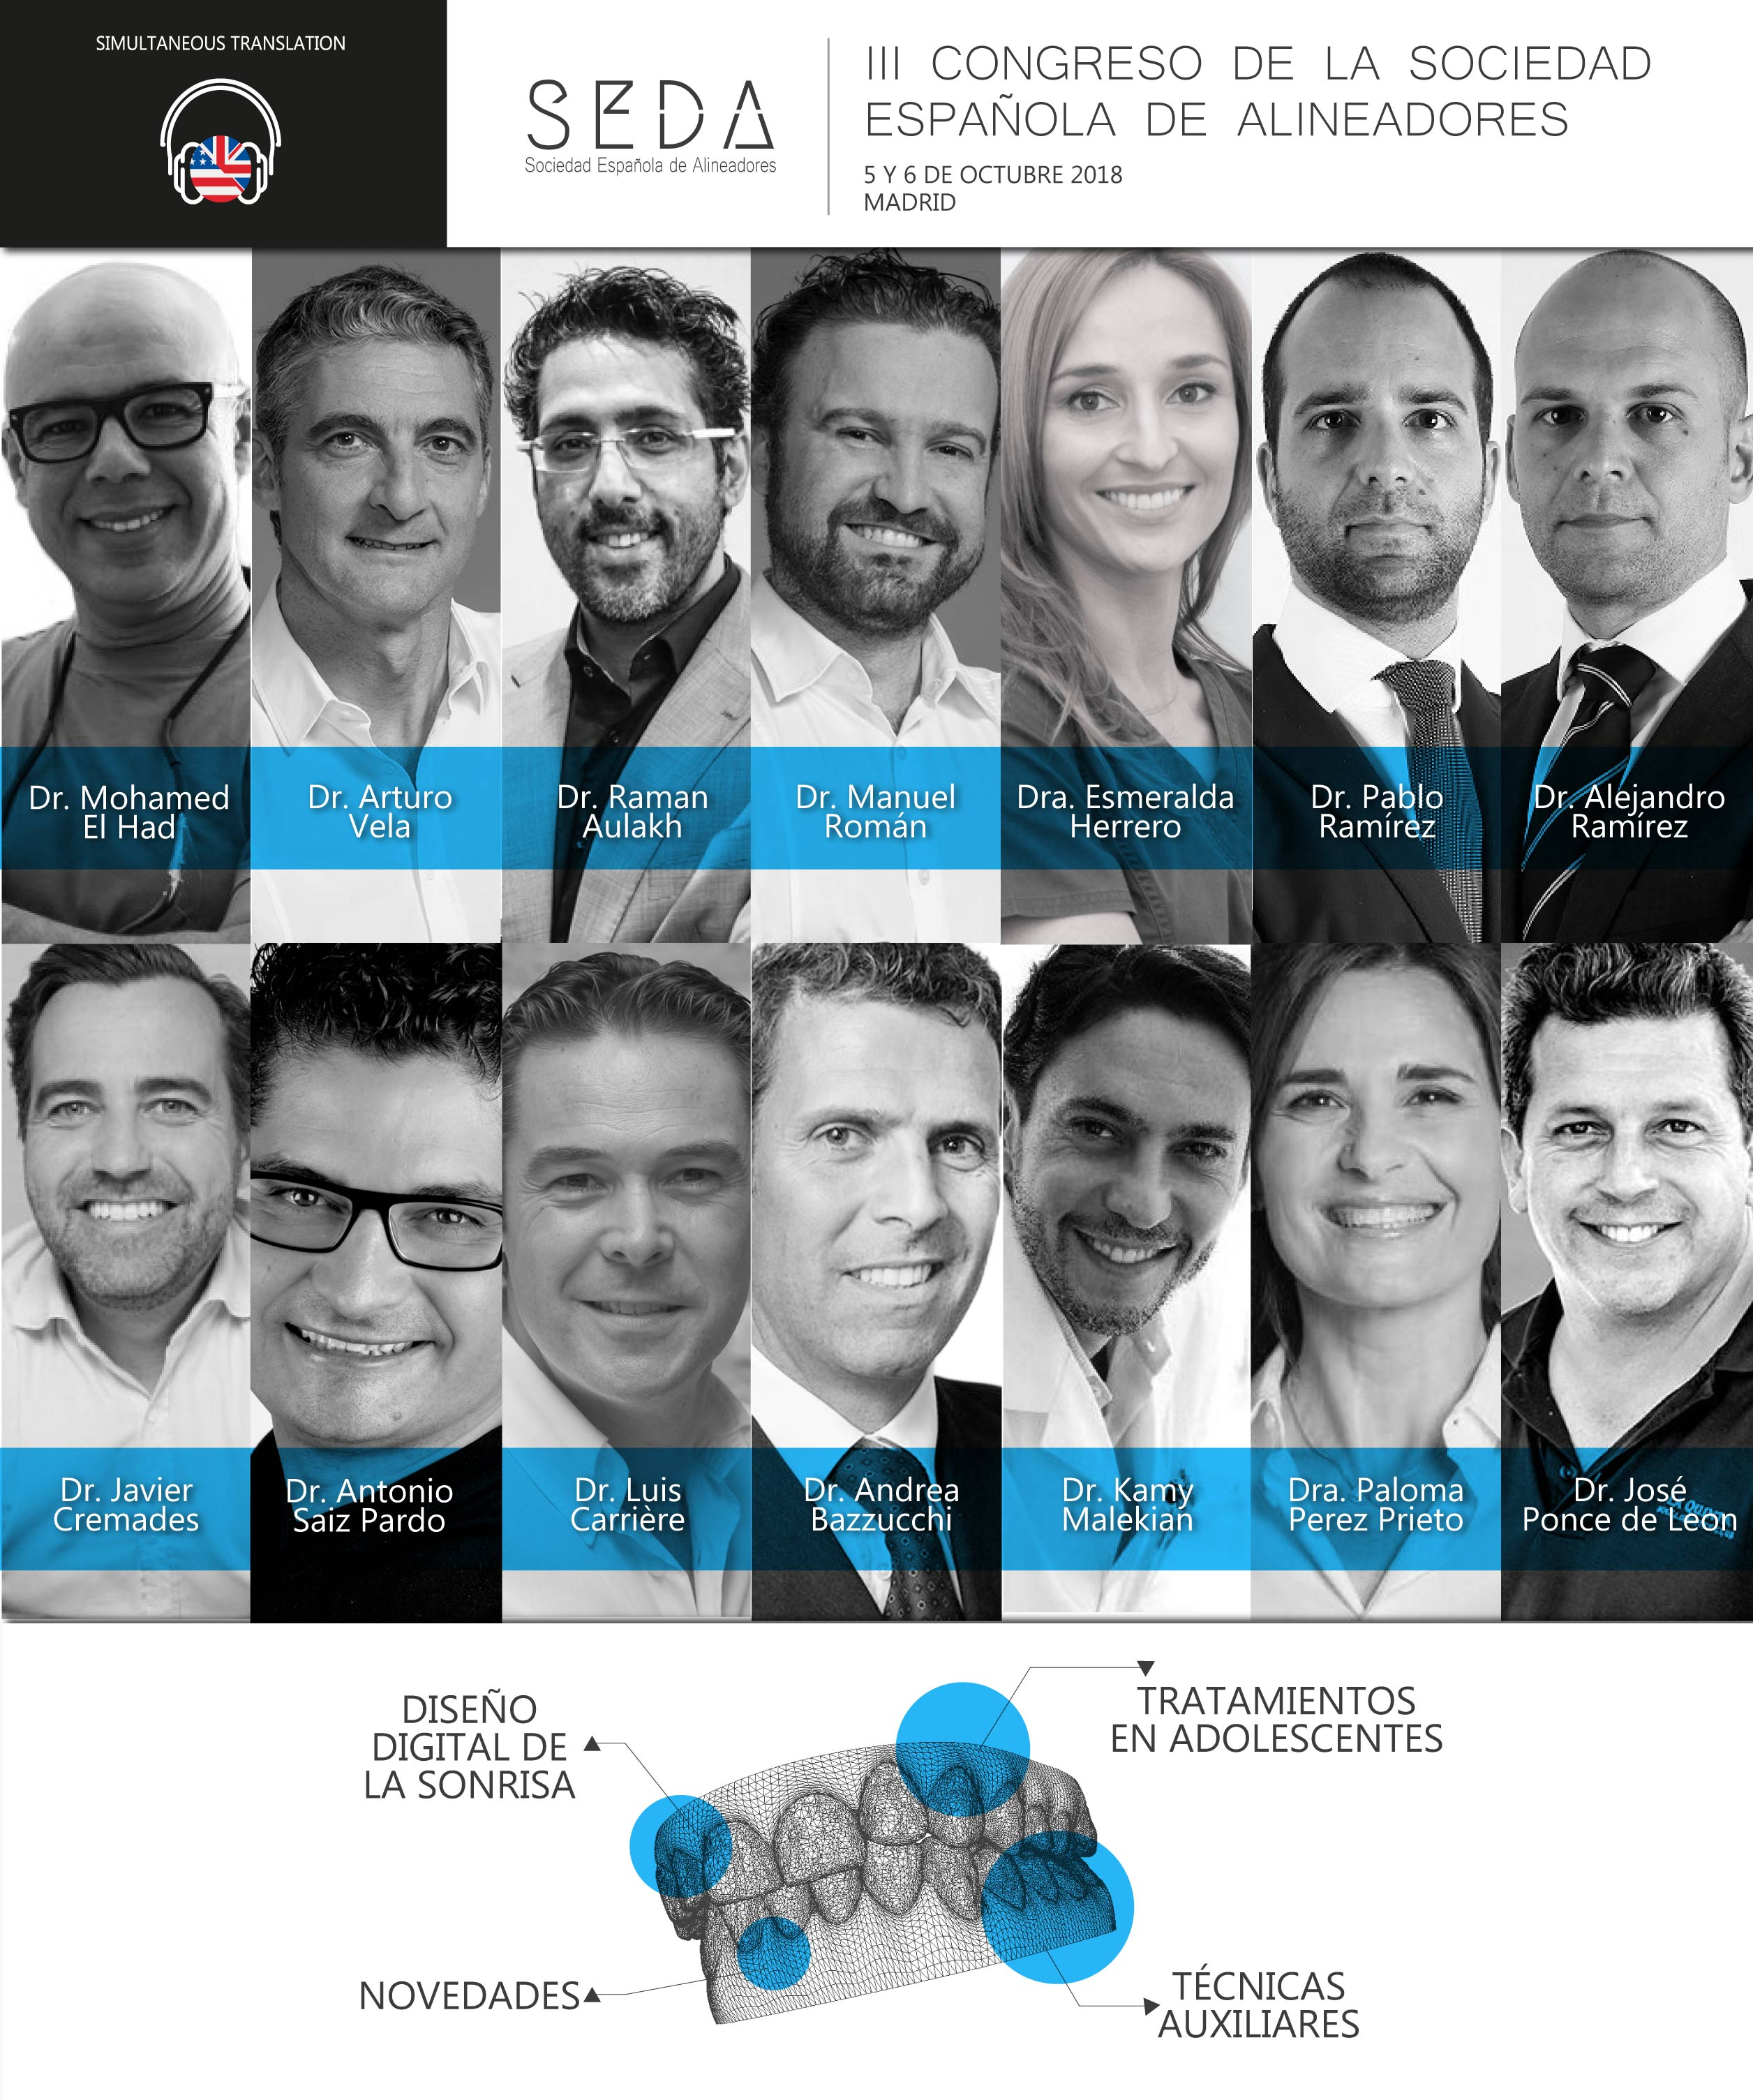 III SEDA Congress 2018